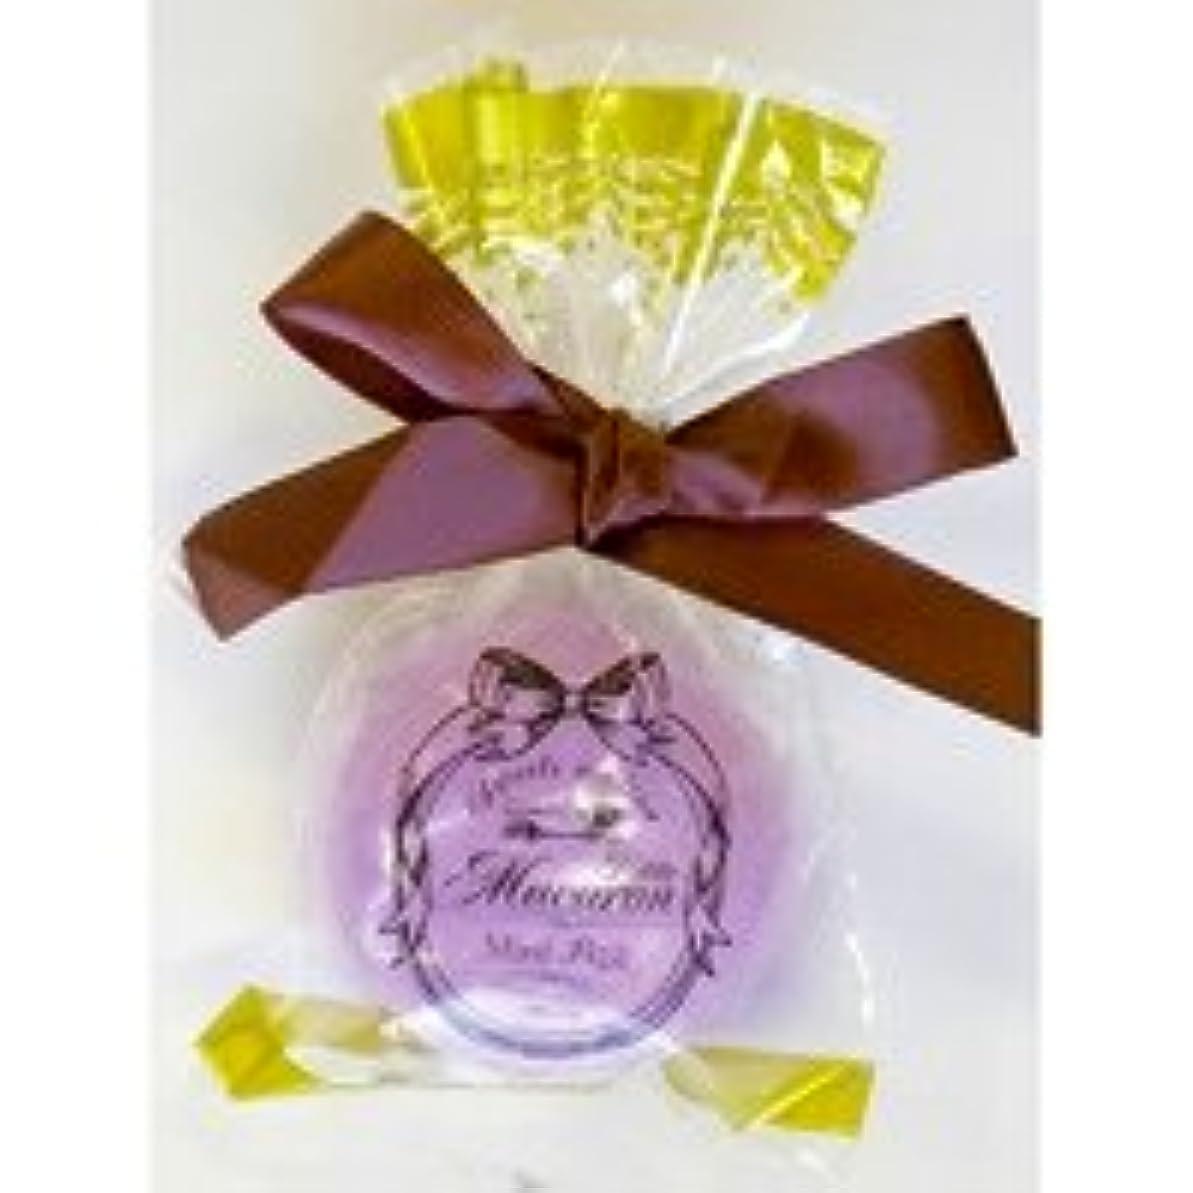 価格地中海やさしいスウィーツメゾン プチマカロンフィズ「パープル」12個セット フルーティーなザクロの香り